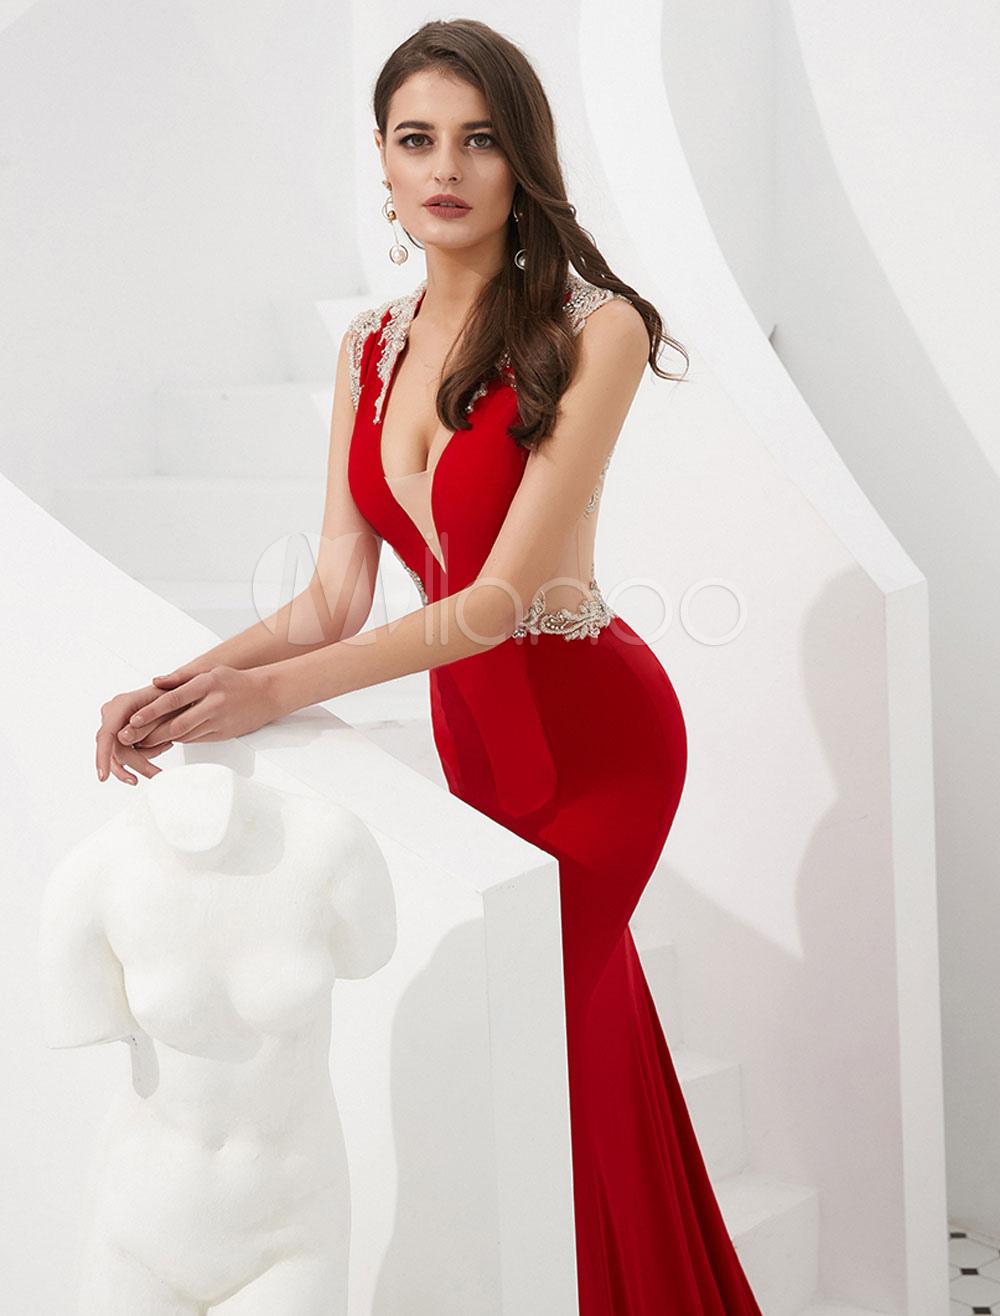 ... Abiti da sera rossi Mermaid Luxury Sexy Prom Dress Abiti da cerimonia  con scollo a V ... 79095ebc88c